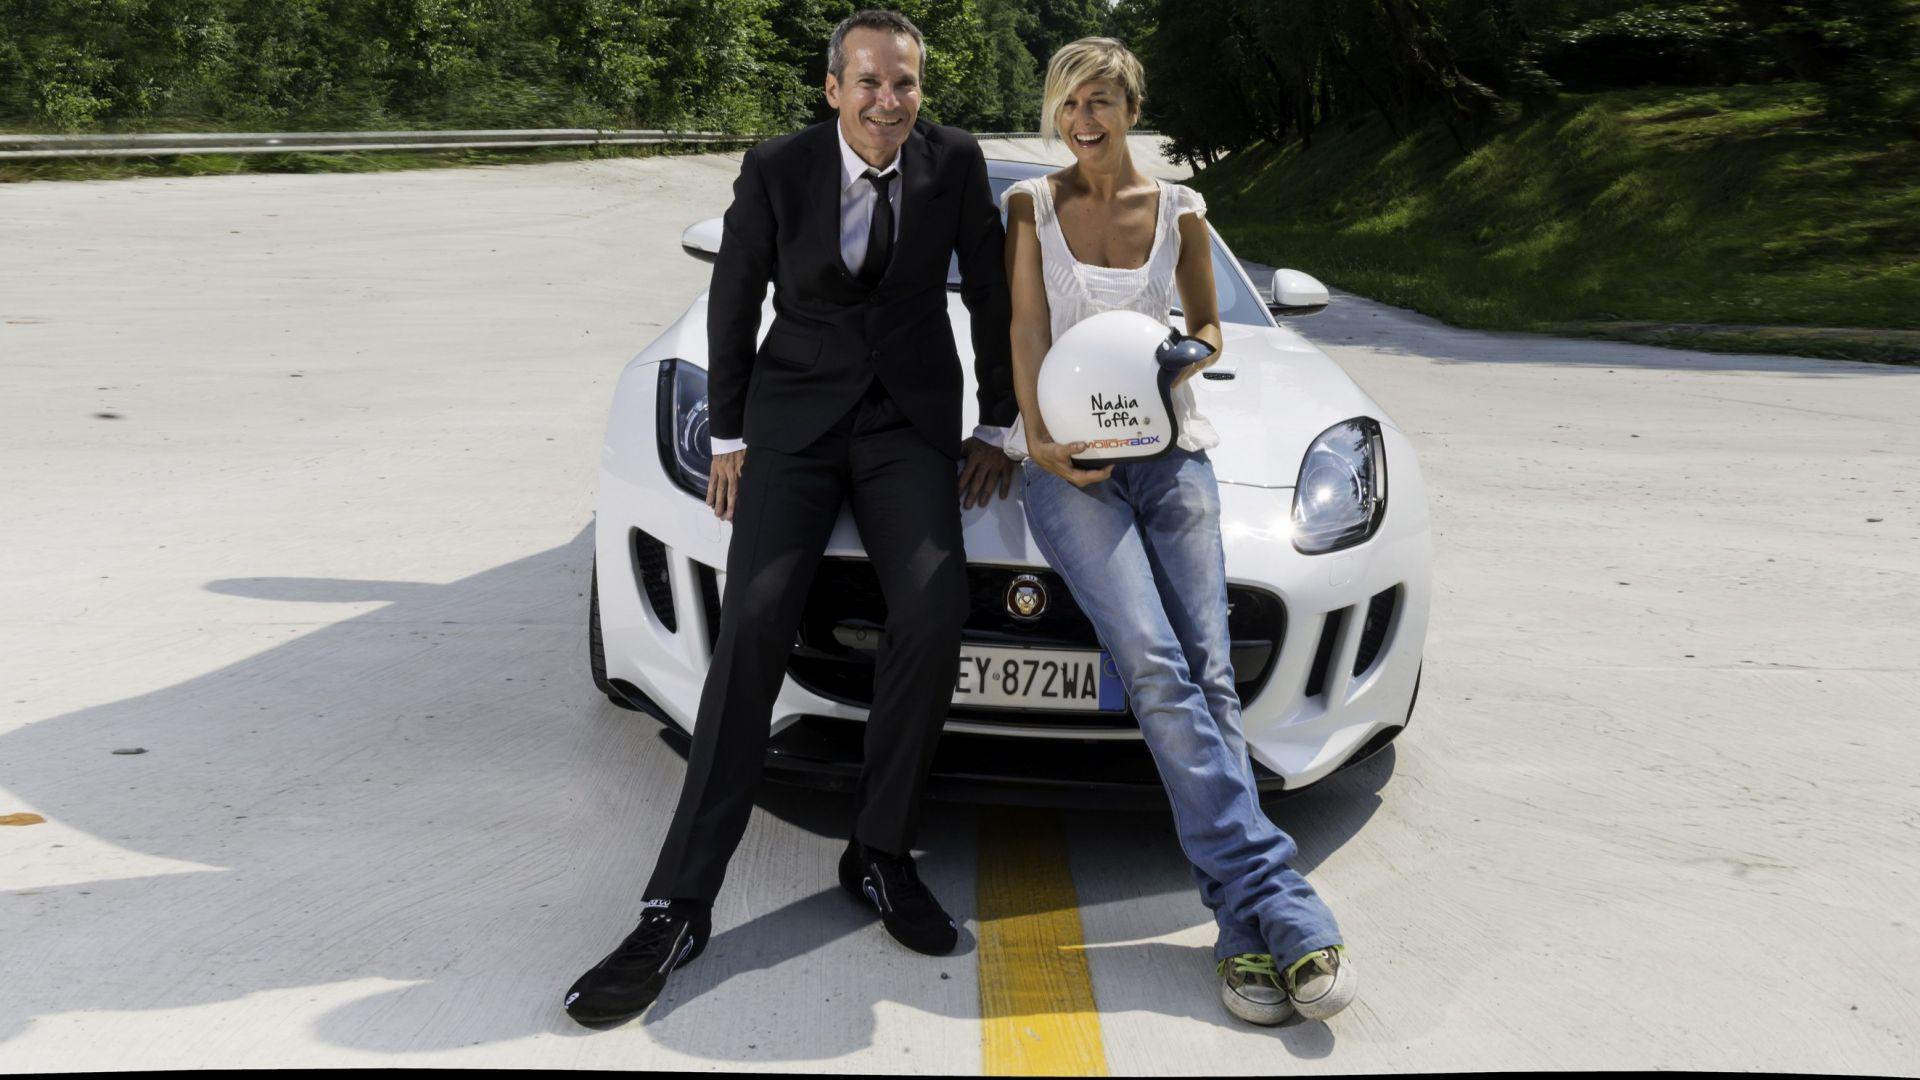 F Type Coupe >> Nadia Toffa: quando girò in pista a Monza con noi. Forza Nadia! [Video] - MotorBox